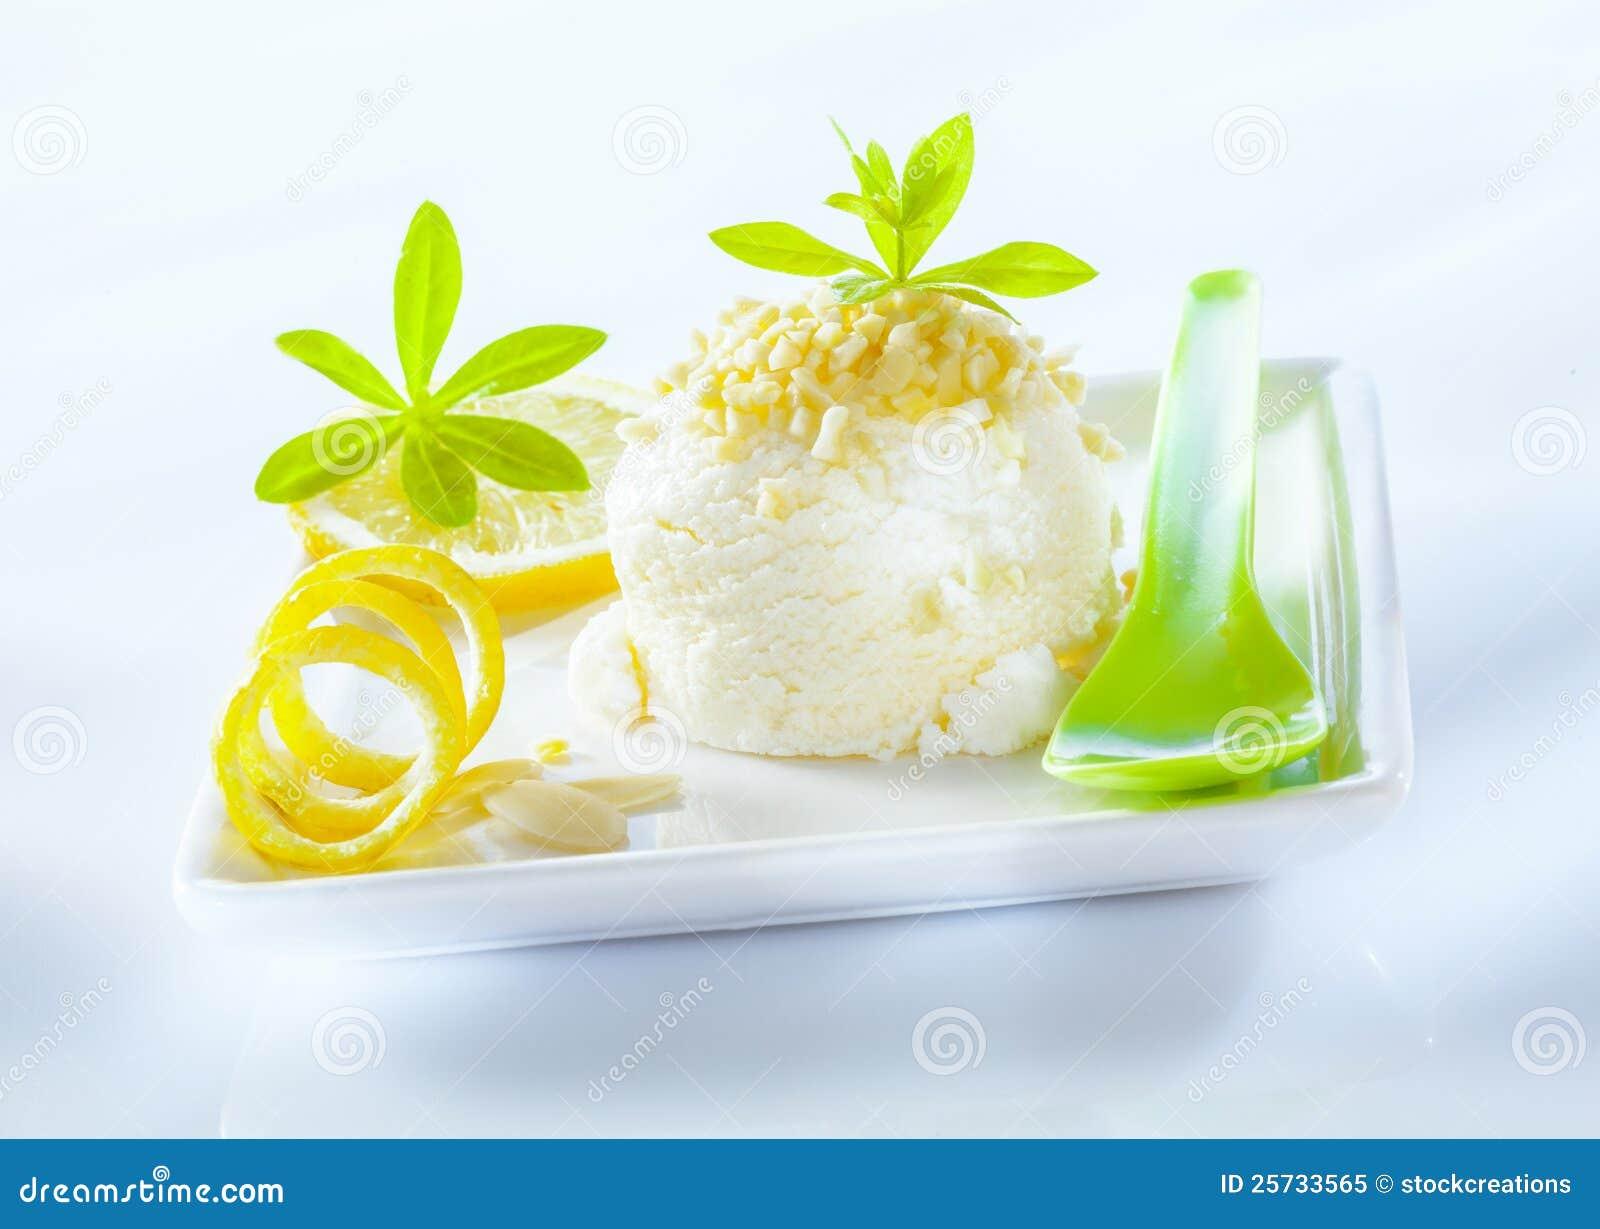 Refreshing sour lemon sorbet dessert